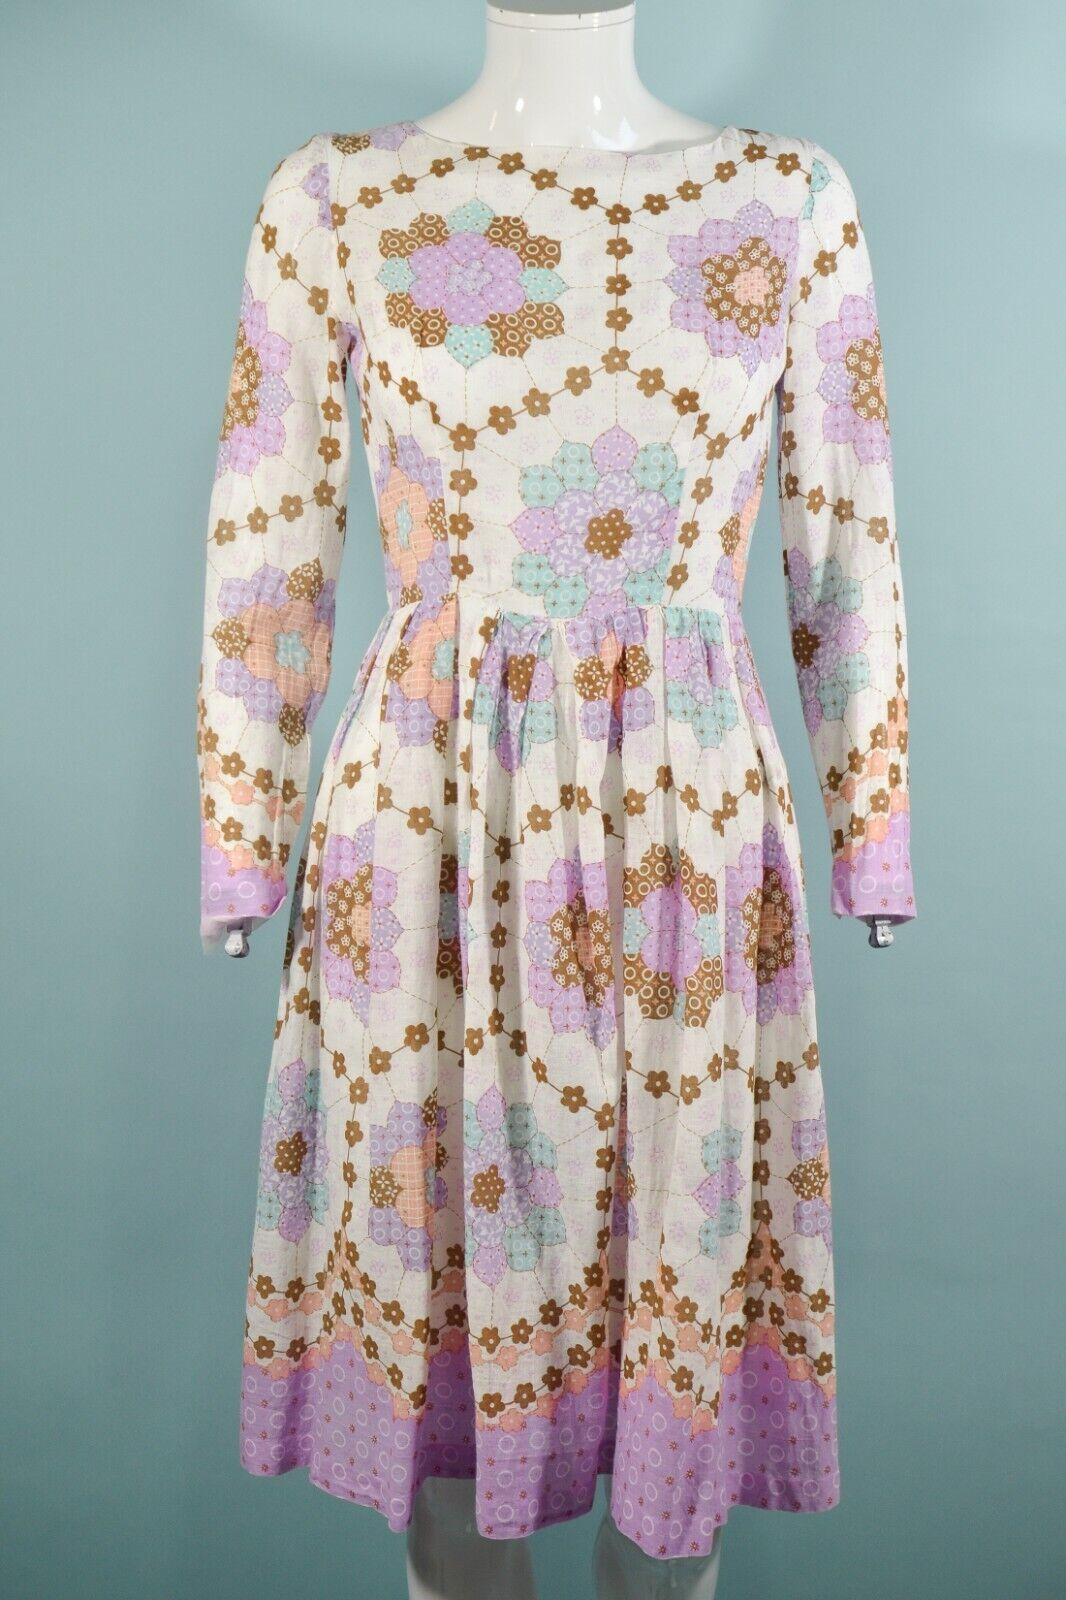 Vintage 60s/70s Faux Patchwork Hippie Dress, Cott… - image 6